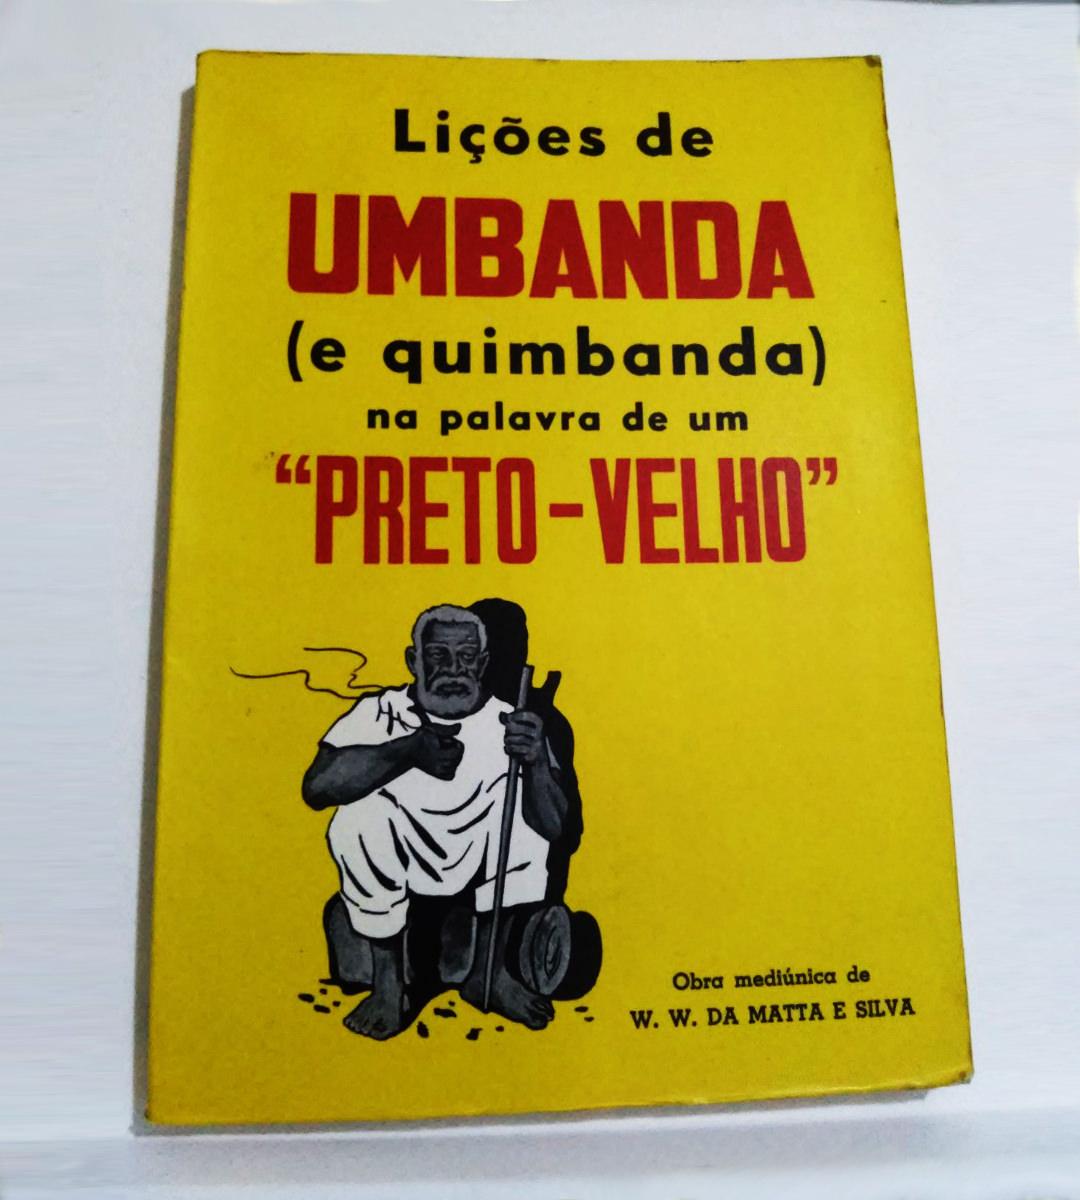 Imagem do livro lições de umbanda